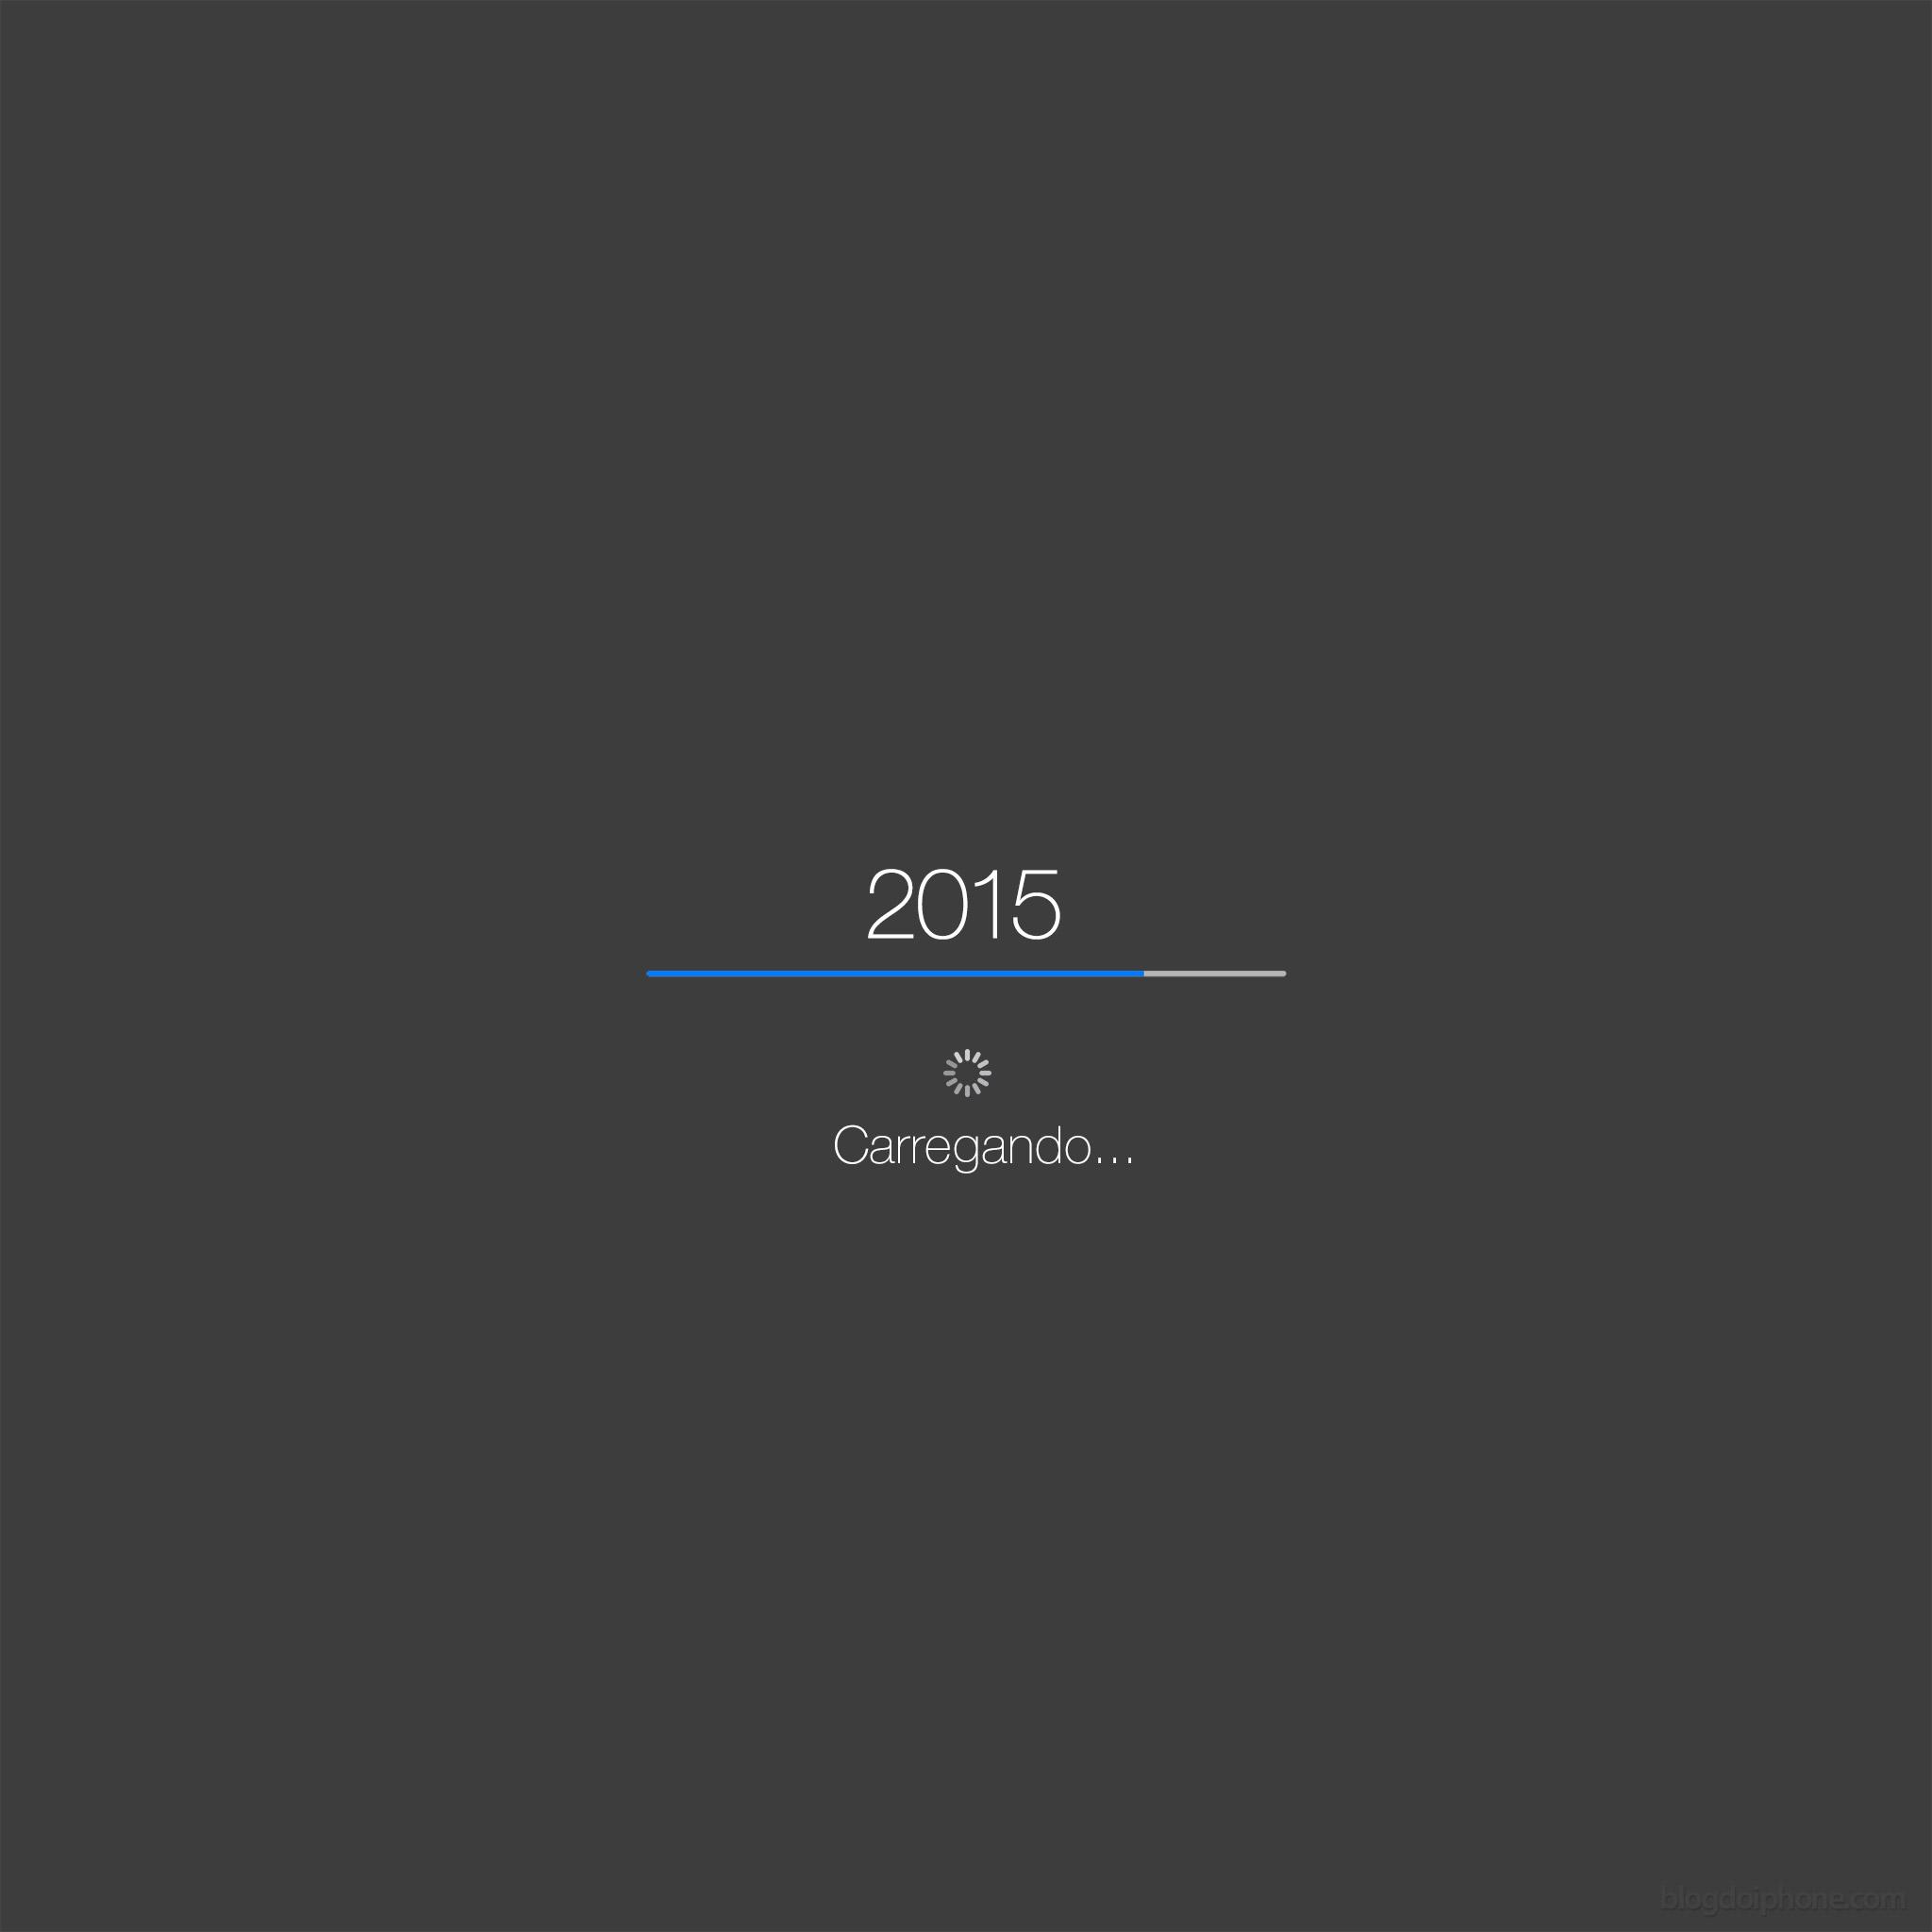 wallp2015_iPad